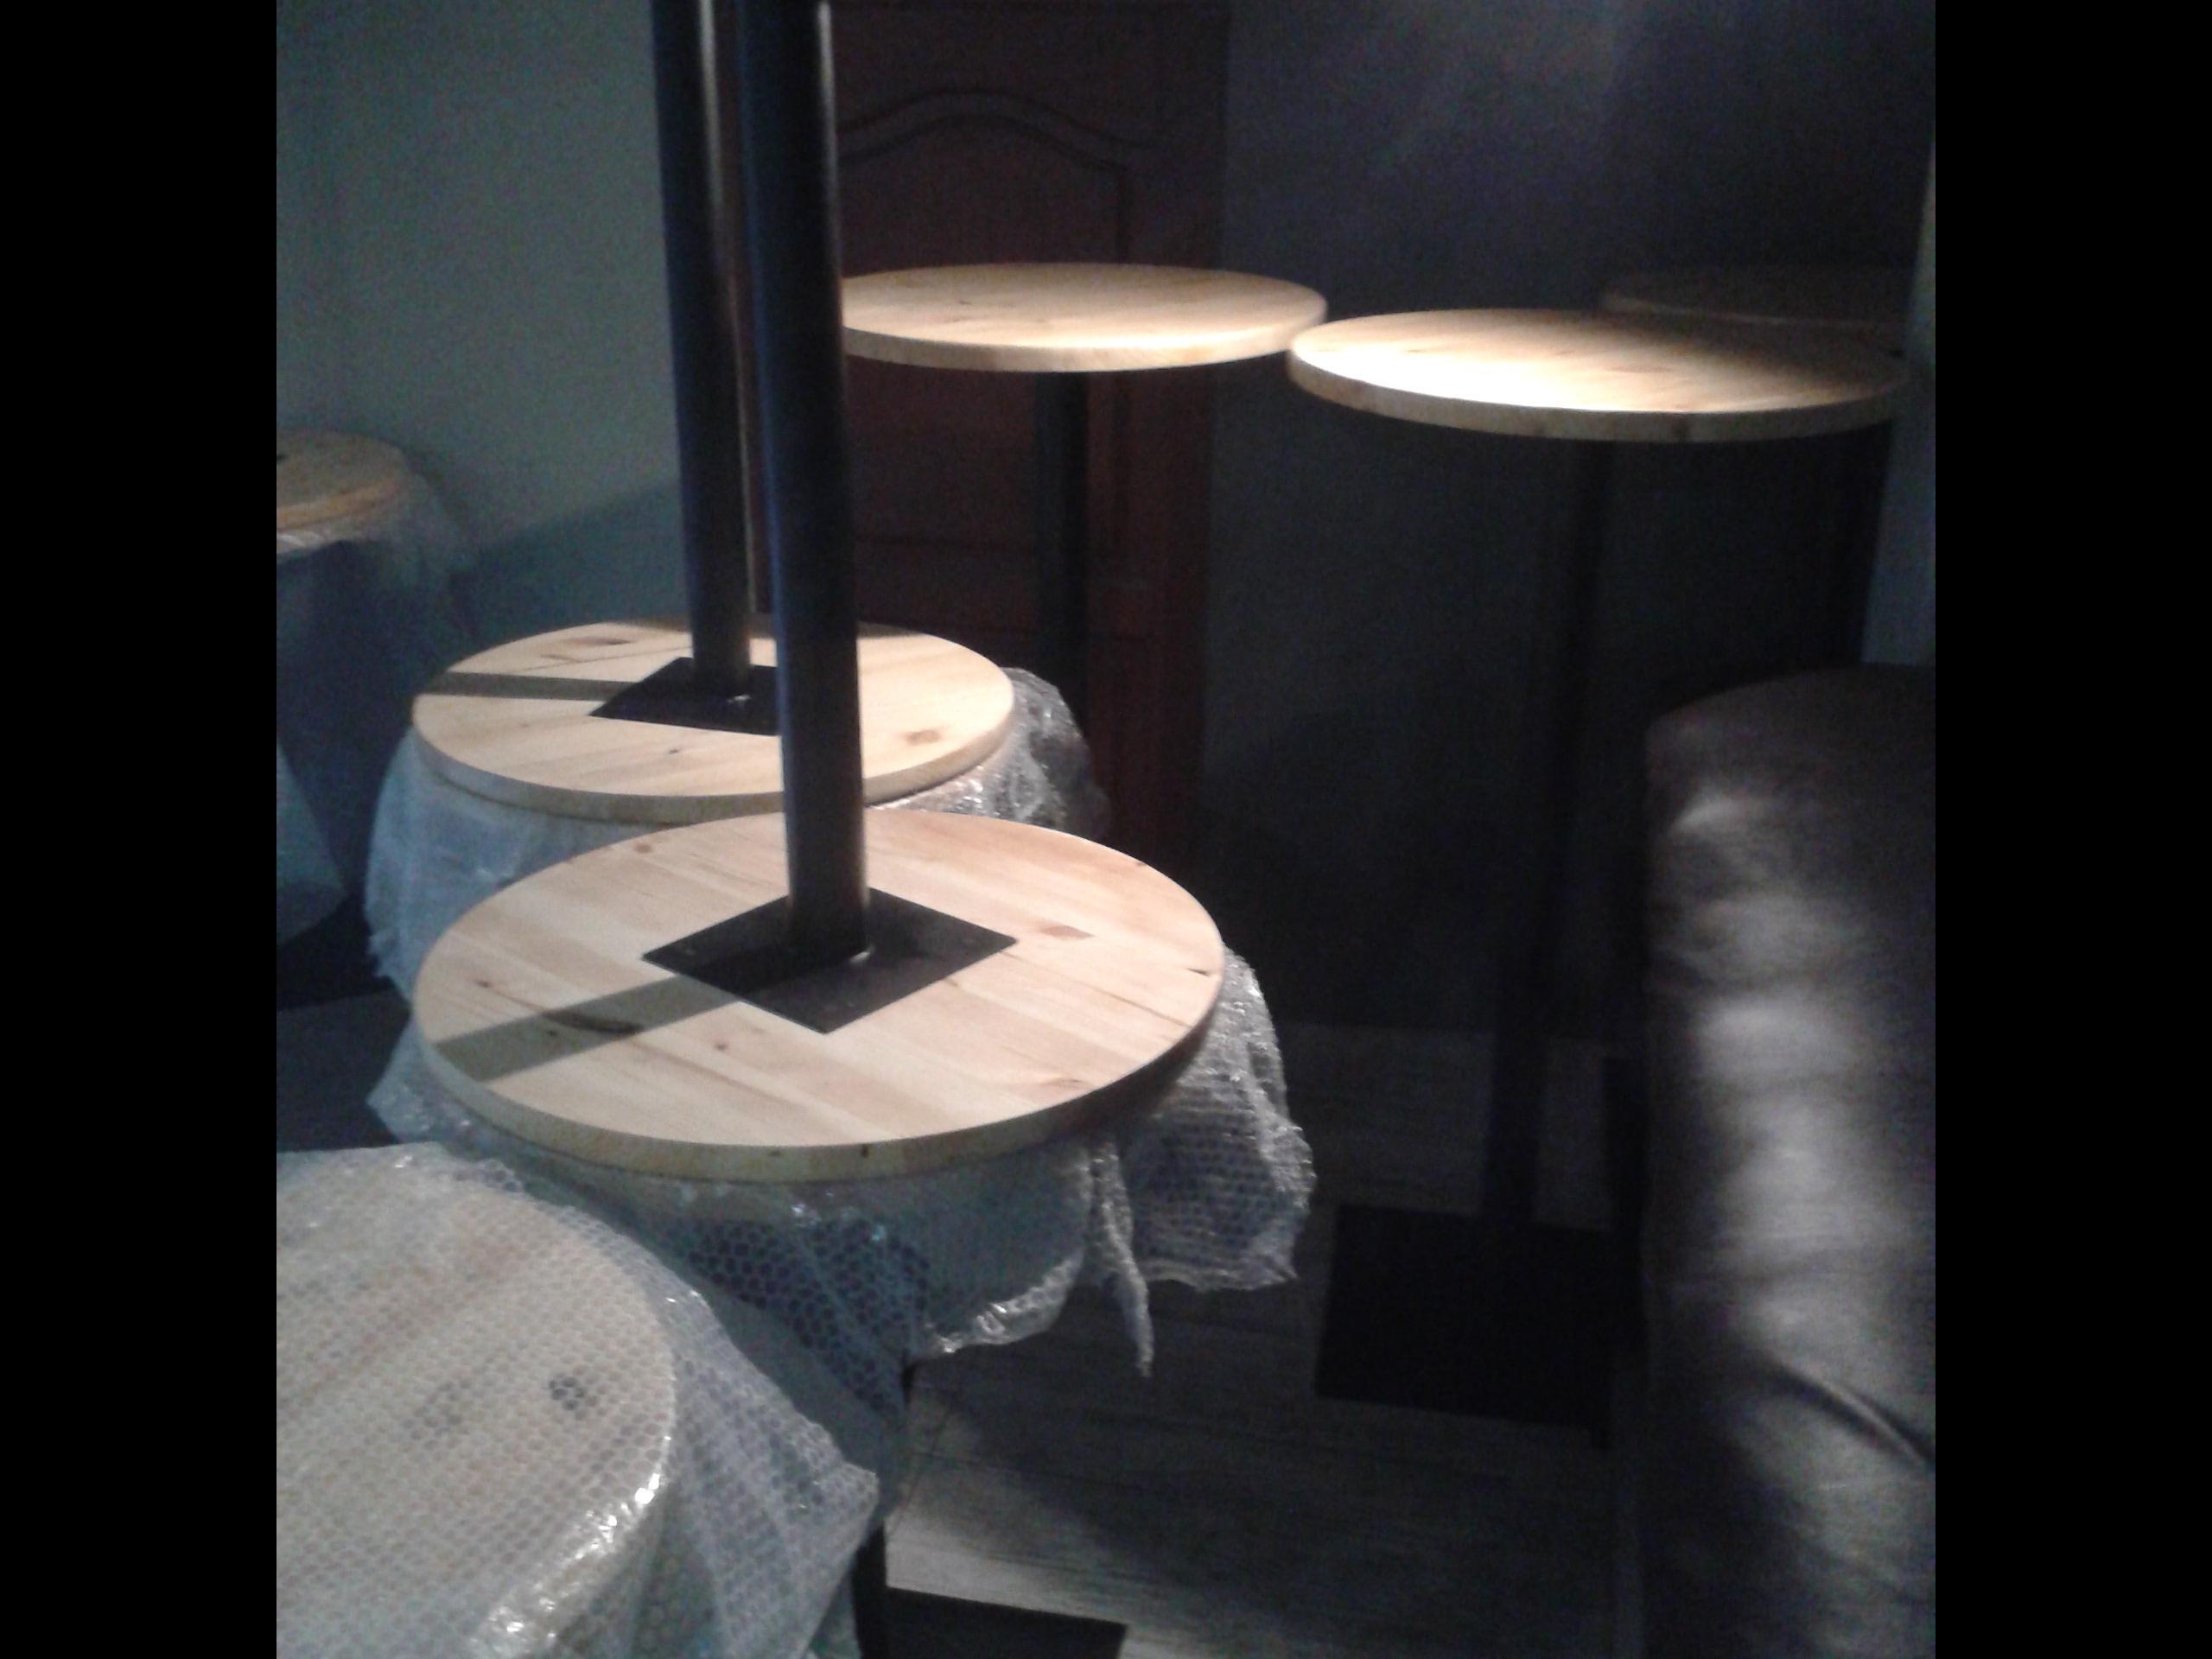 Фото Изготовление столов.диаметром стол.  600 мм толщина стол.30 мм  высота ножки 750 мм. варианты ножек и диаметров стол. на ваш выбор.  стоимость от 2500 грн за 1 шт.